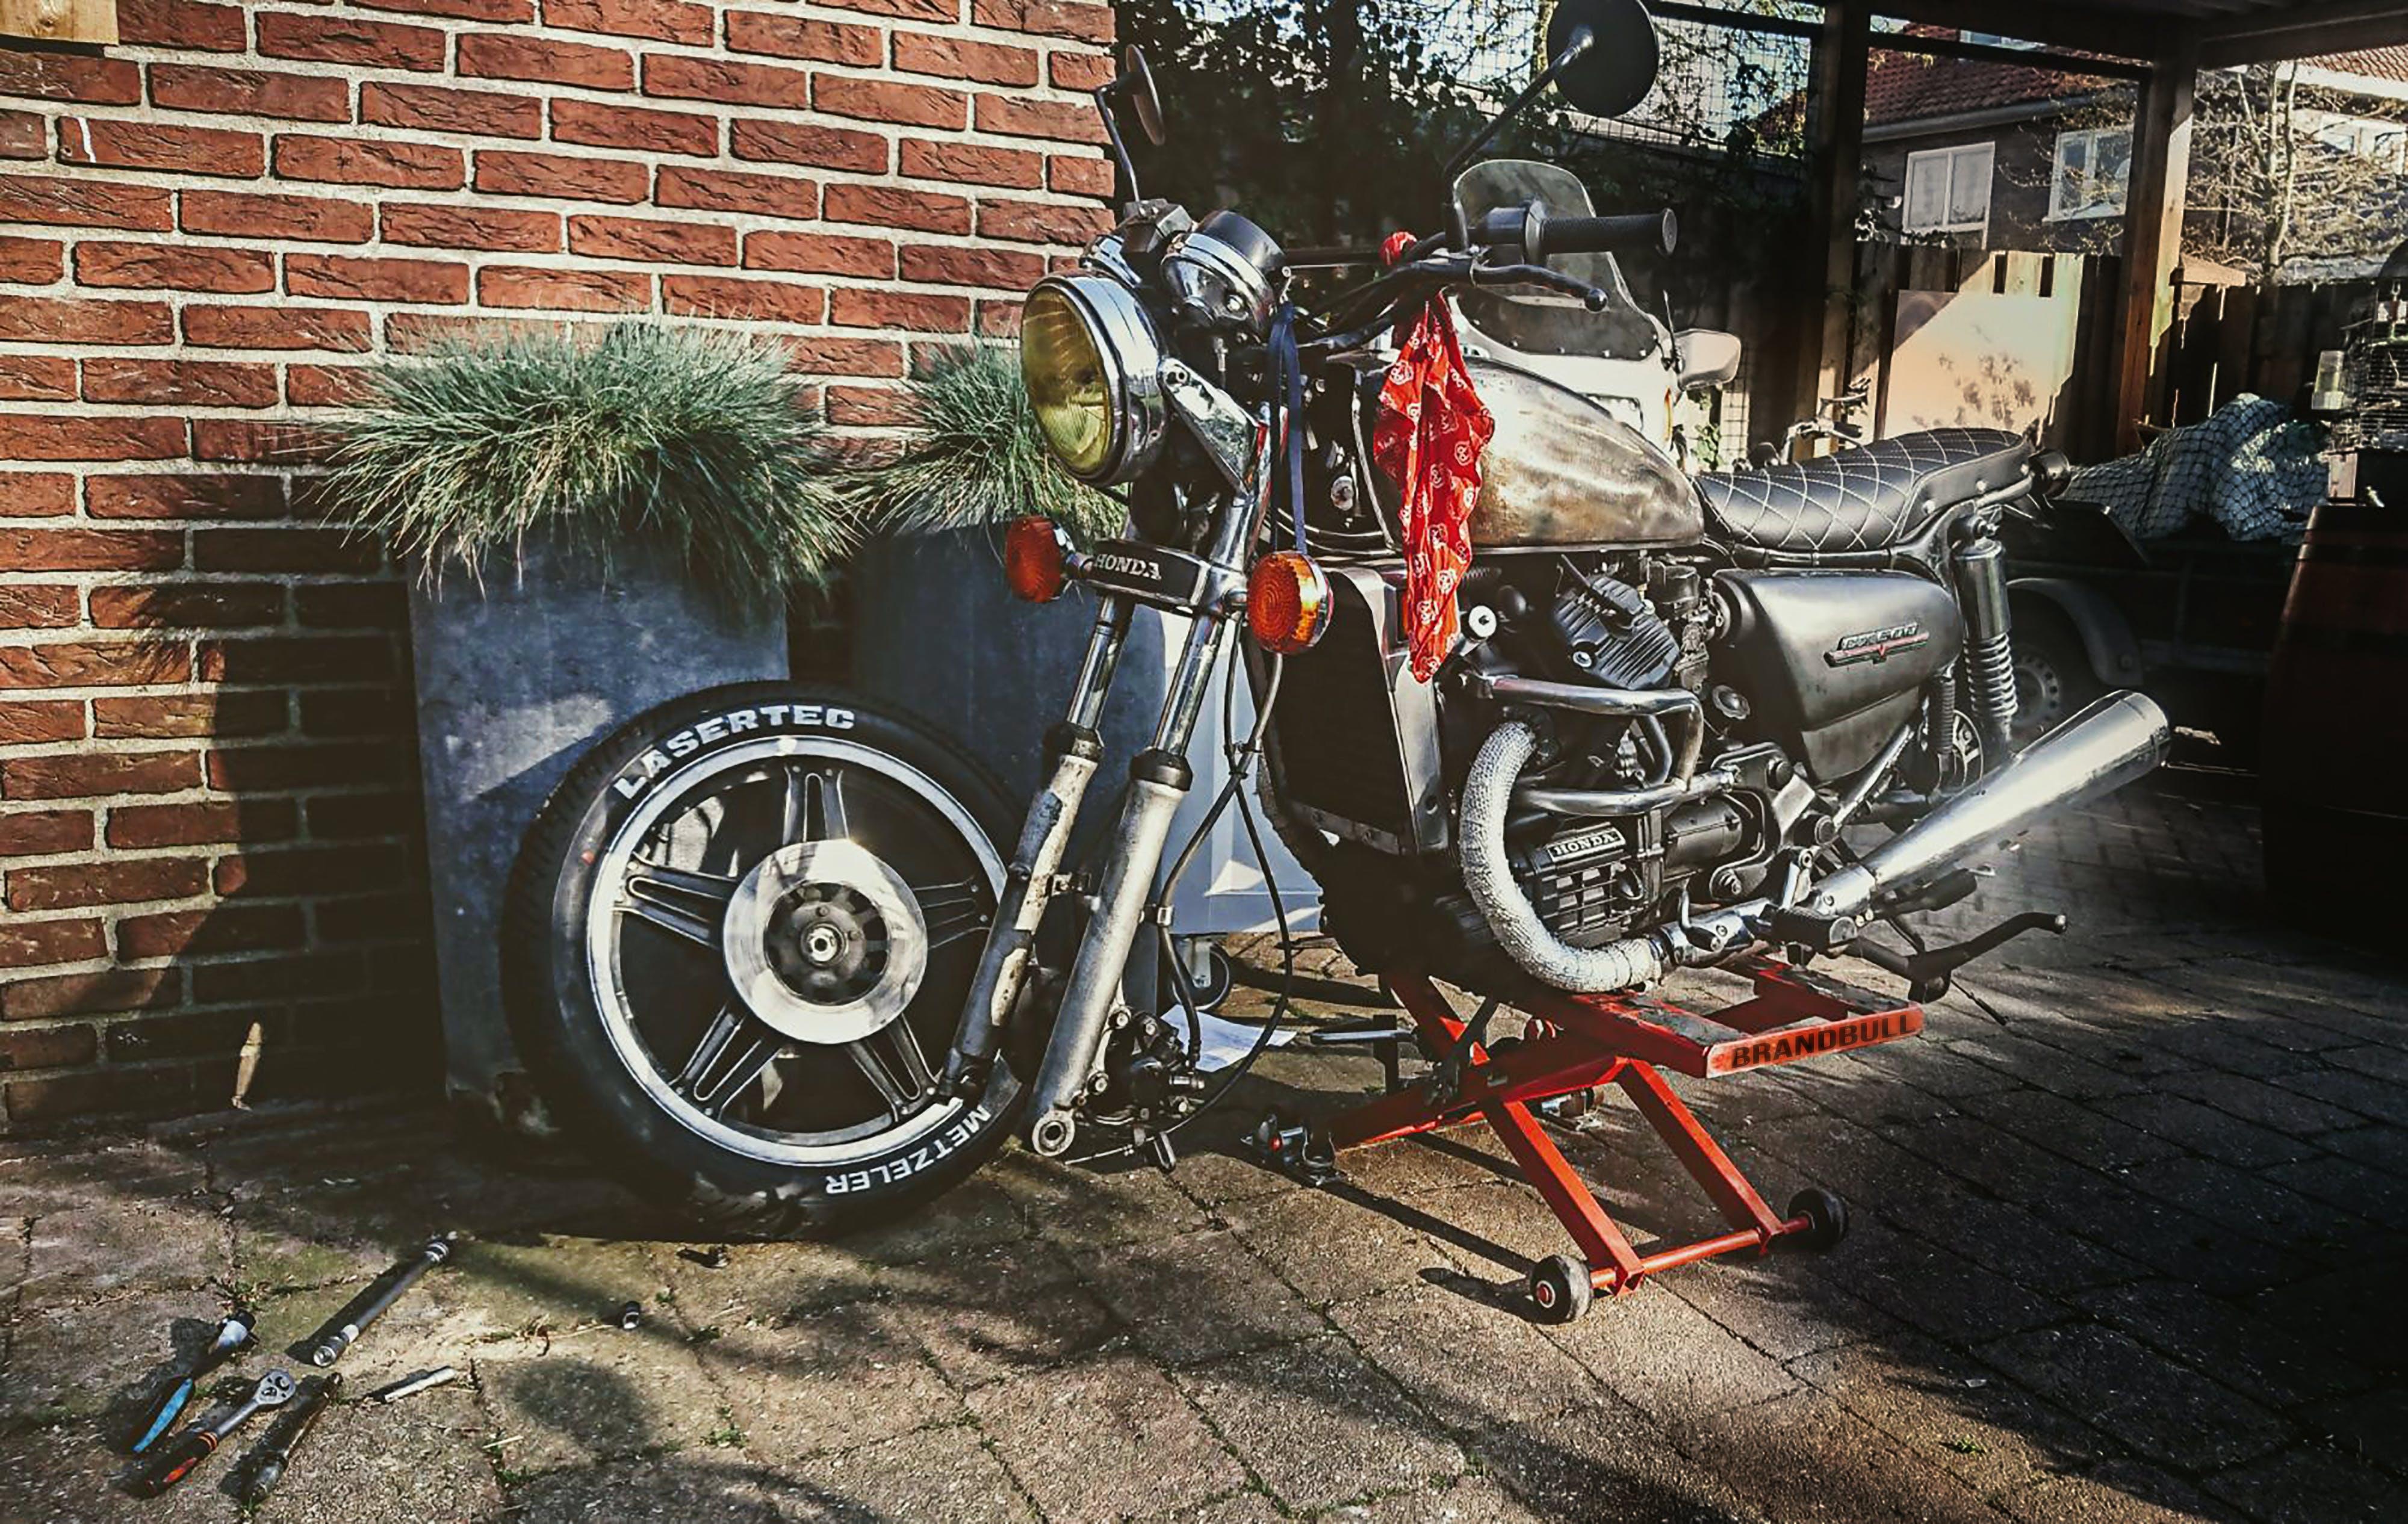 Free stock photo of bad ass, bike, bikelife, bobber